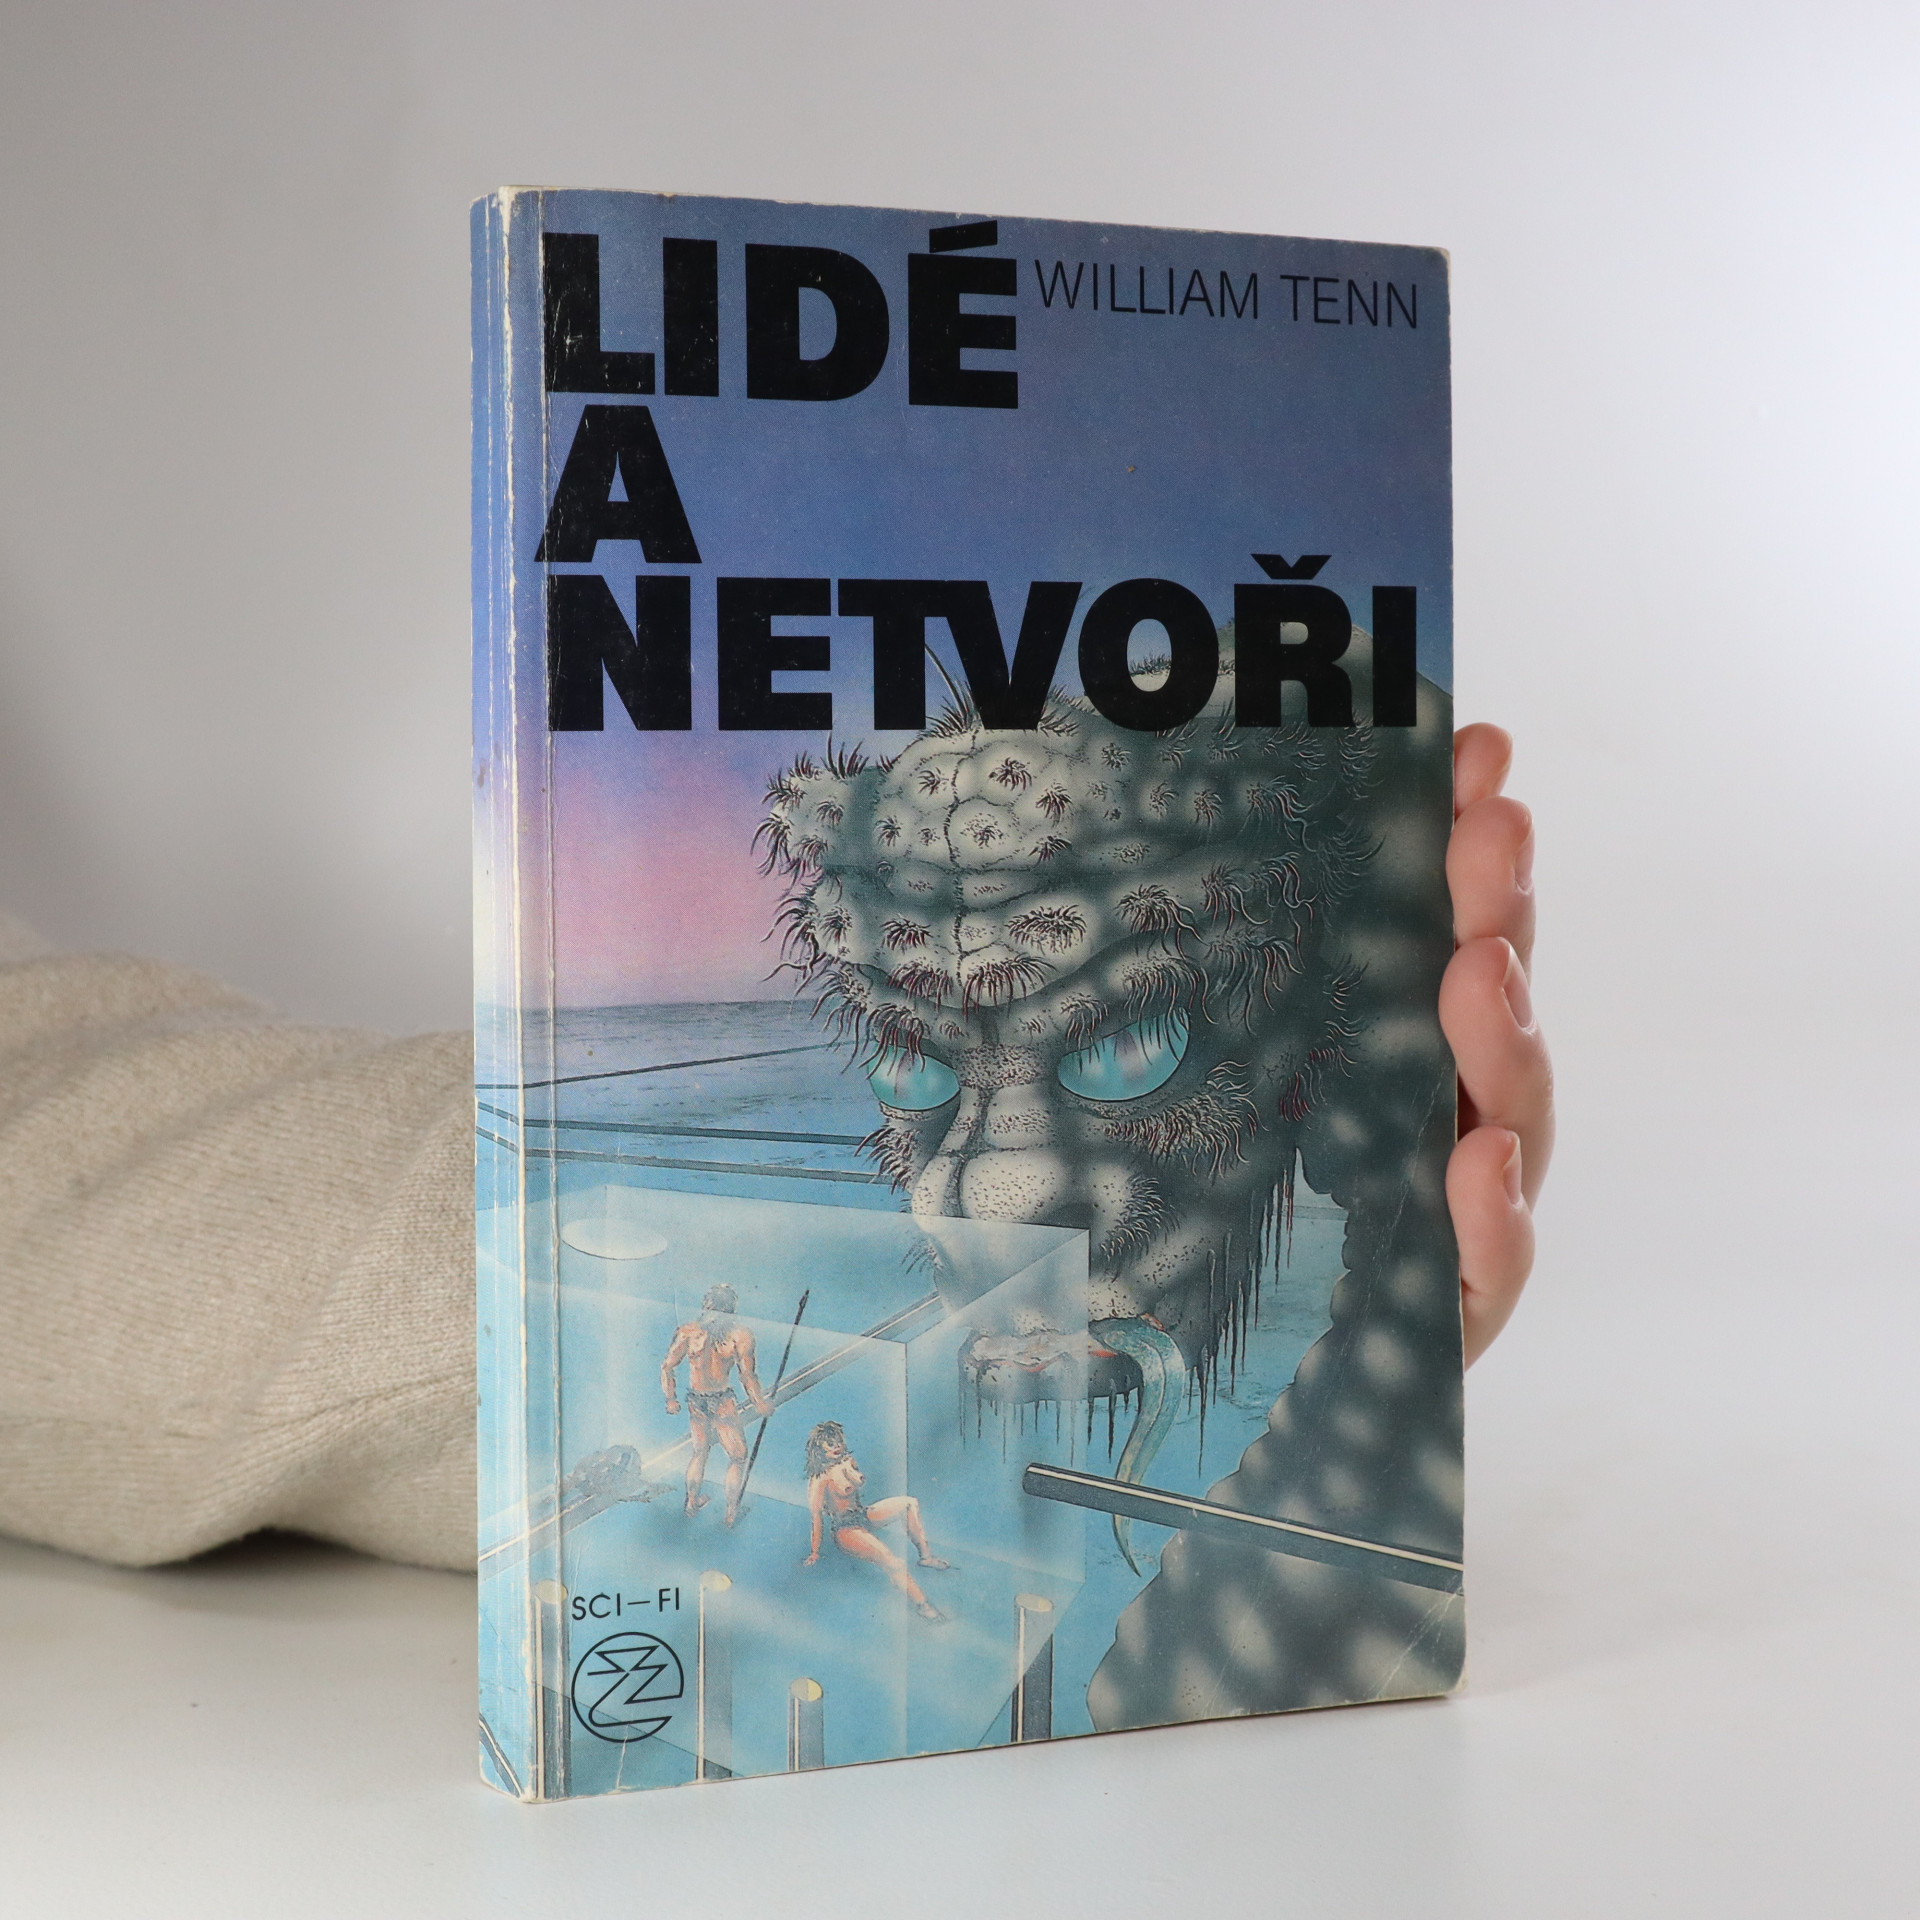 antikvární kniha Lidé a netvoři, 1991